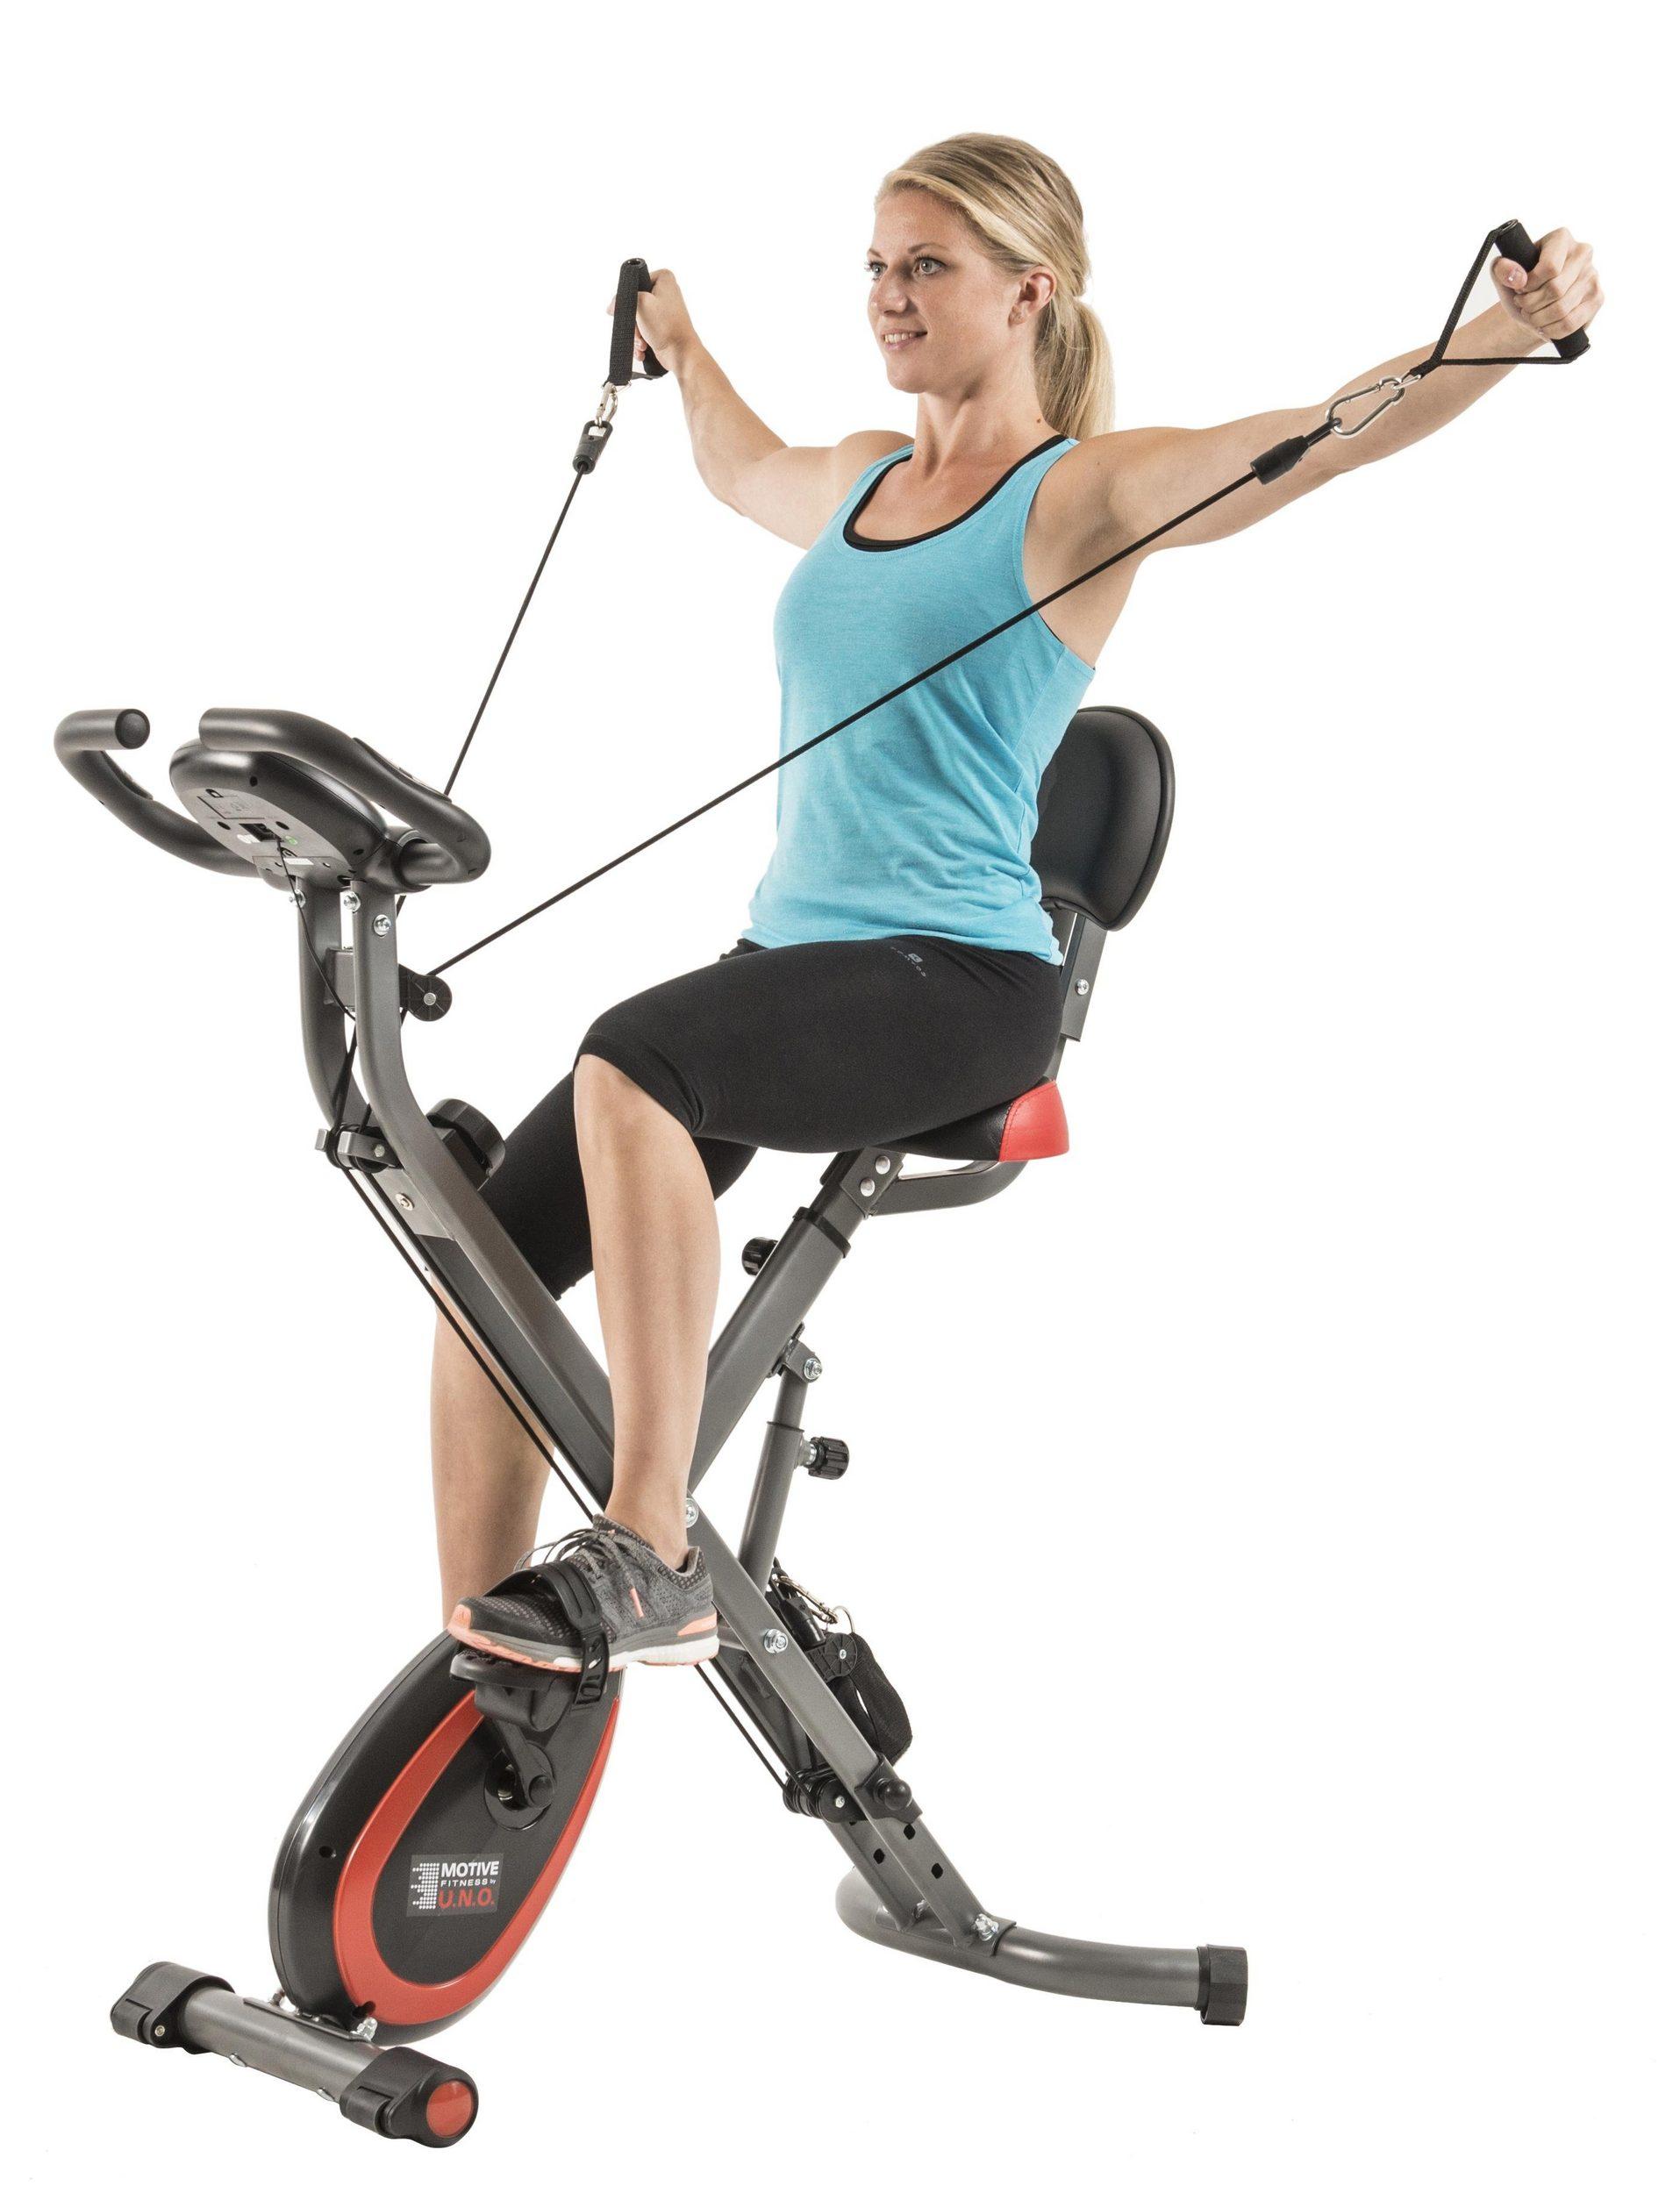 Motive Fitness by U.N.O. Multi-Function X-Bike (klappbarer Heimtrainer mit Seilzug für Arm- und Beintraining, bis 120kg Benutzergewicht)